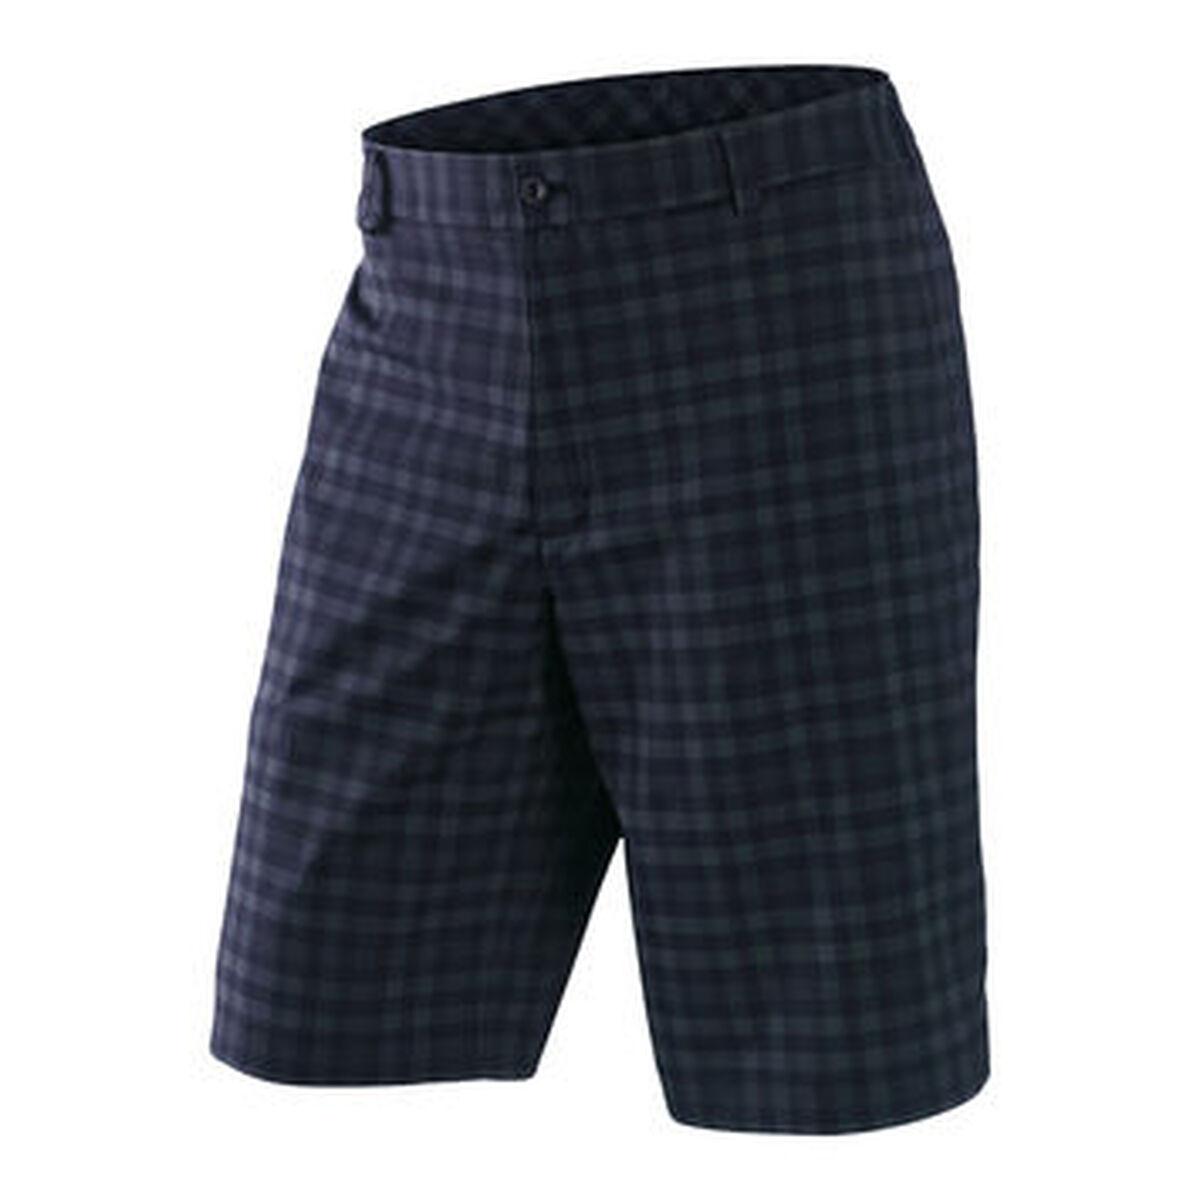 finest selection 4dc0d 88e5a Nike Dri-Fit Core Plaid Golf Shorts Men amp rsquo s Zoom Image